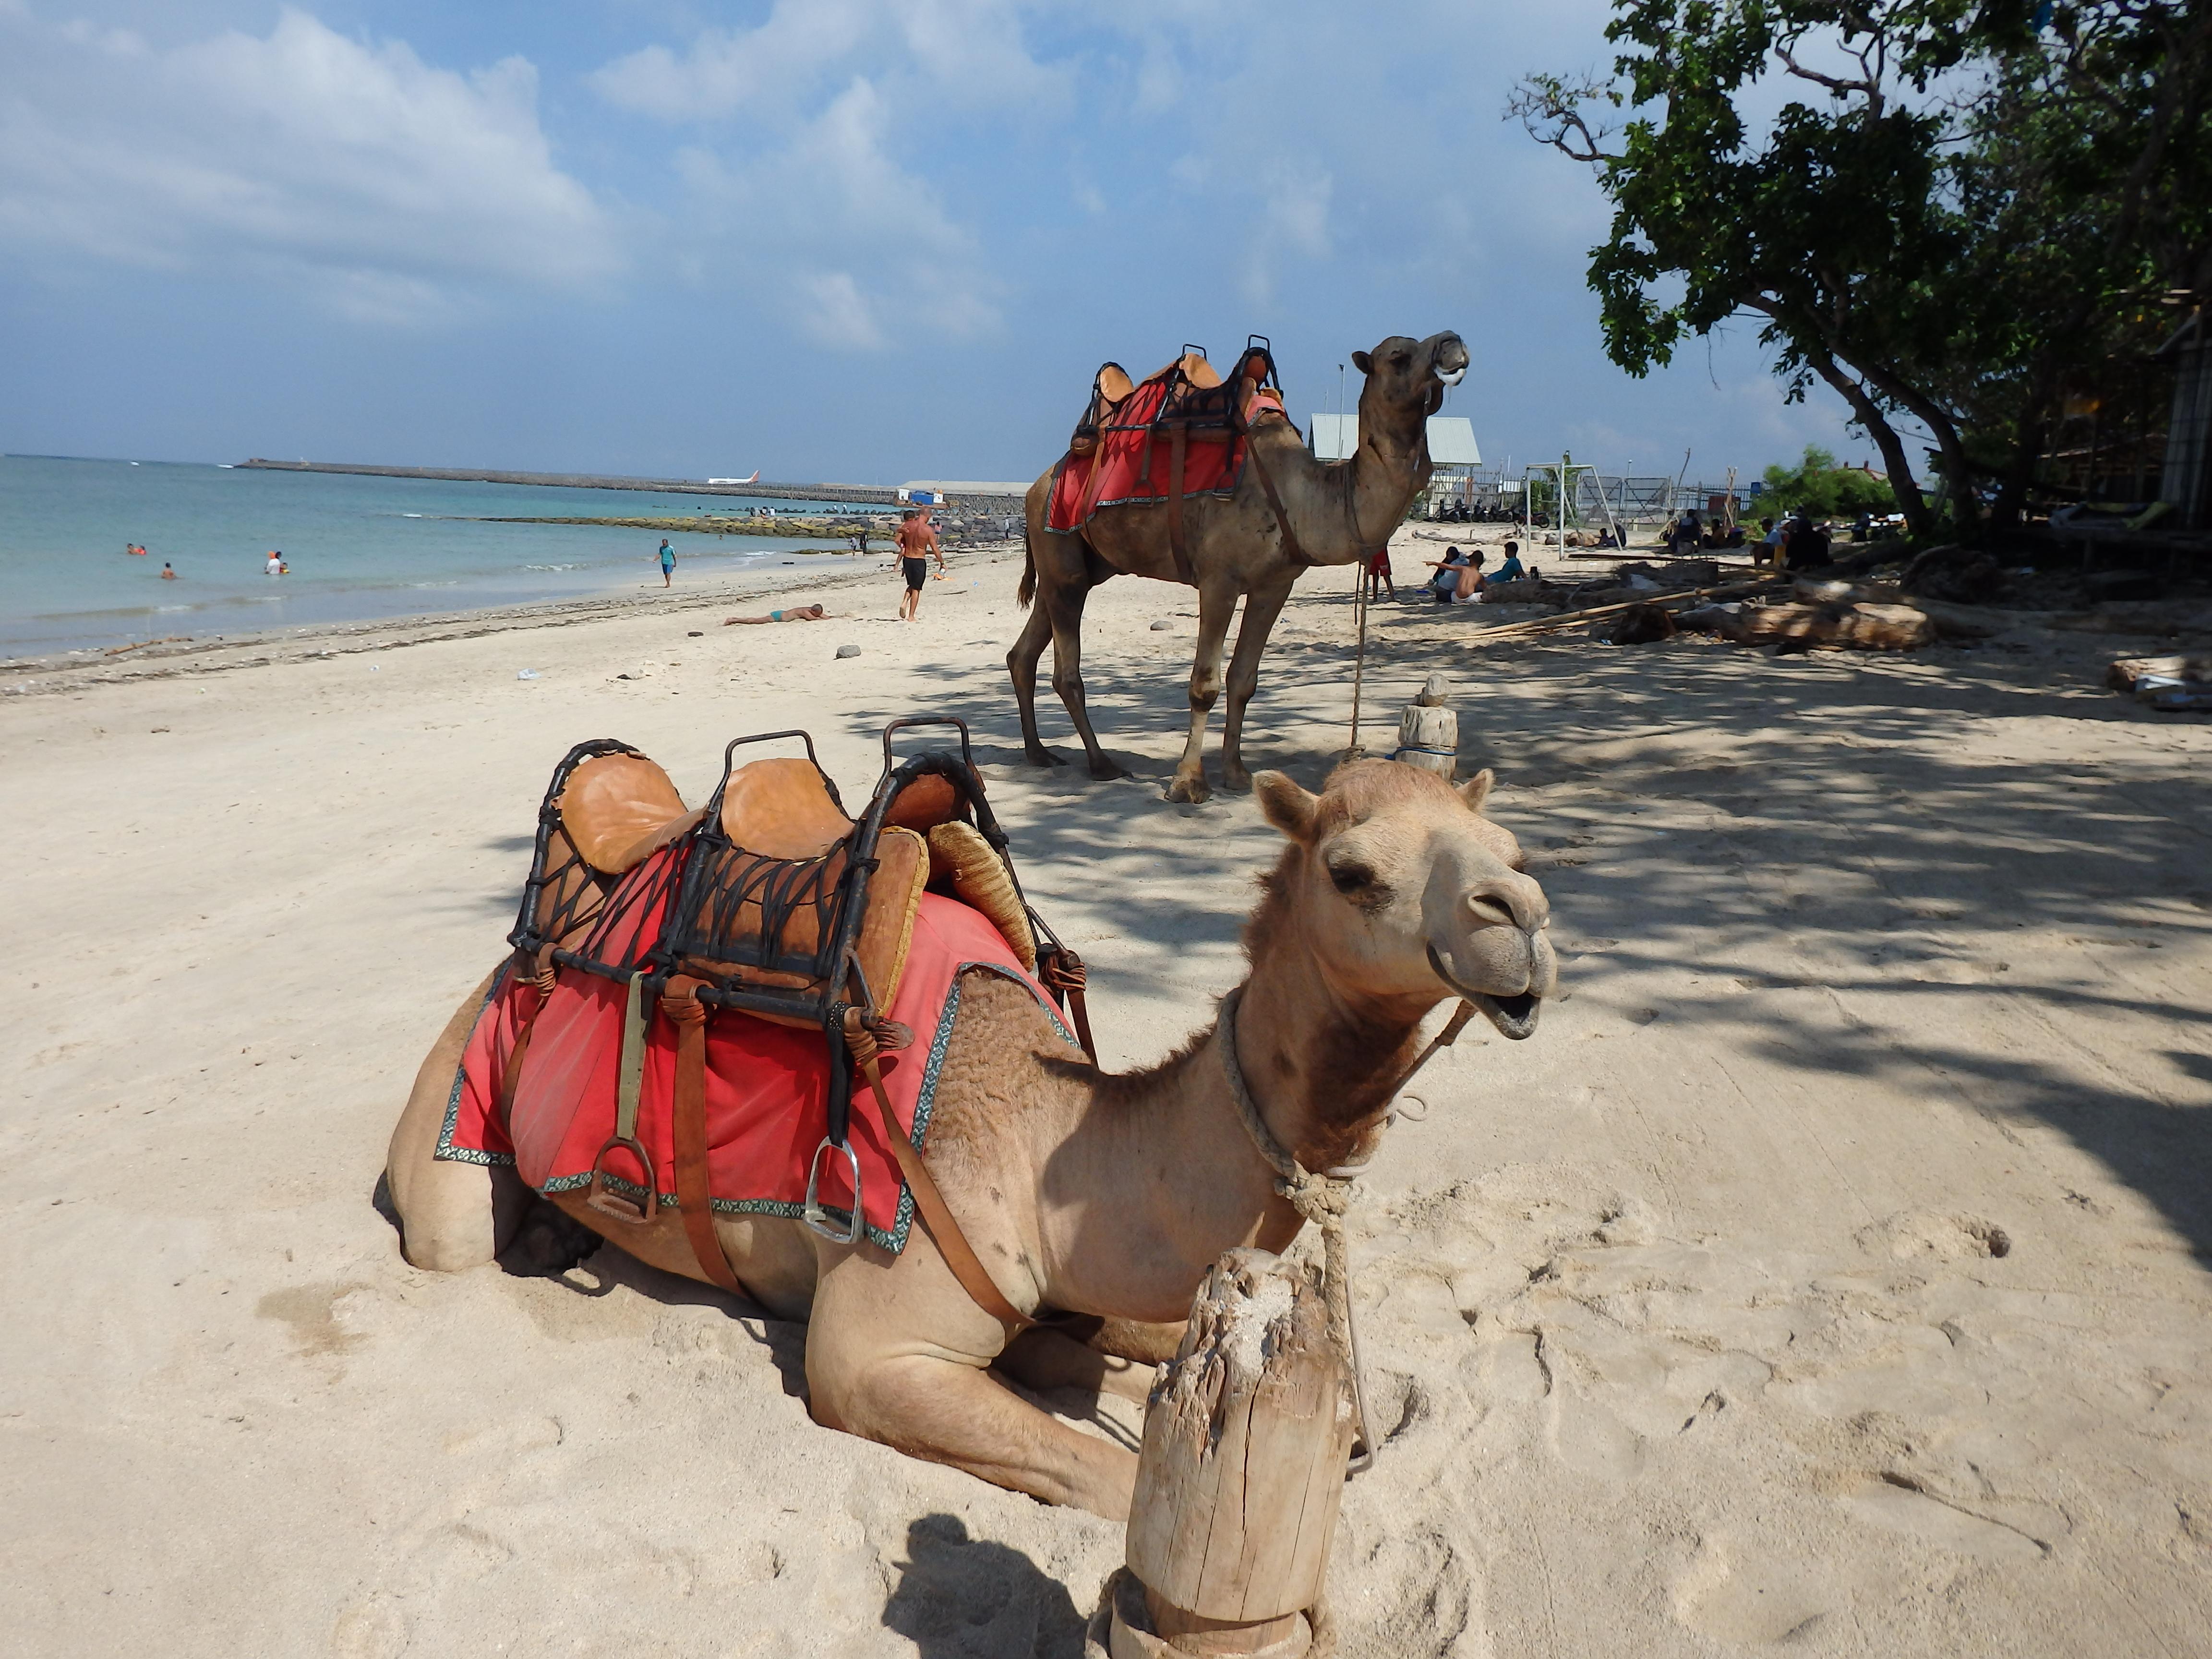 ラクダに乗ってバリ島の綺麗なビーチを散策!Bali Camel Adventure | バリ島ア